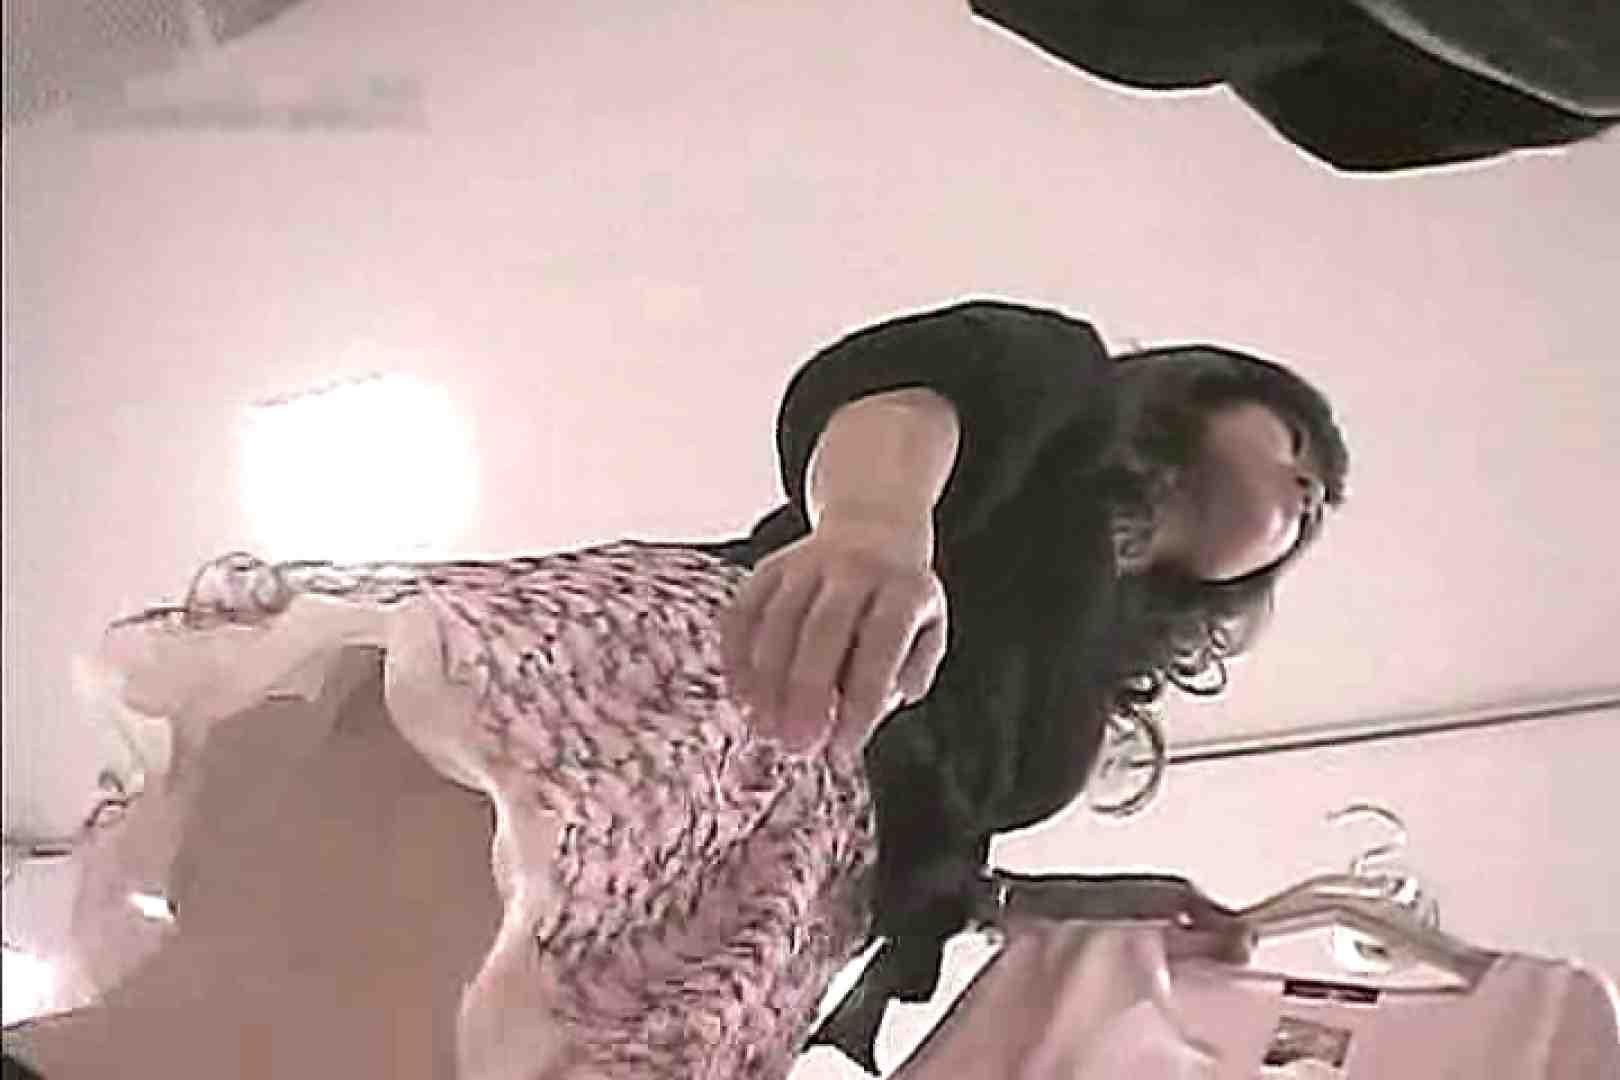 ショップ店員のパンチラアクシデント Vol.7 パンツ大放出 盗み撮りオマンコ動画キャプチャ 80pic 38